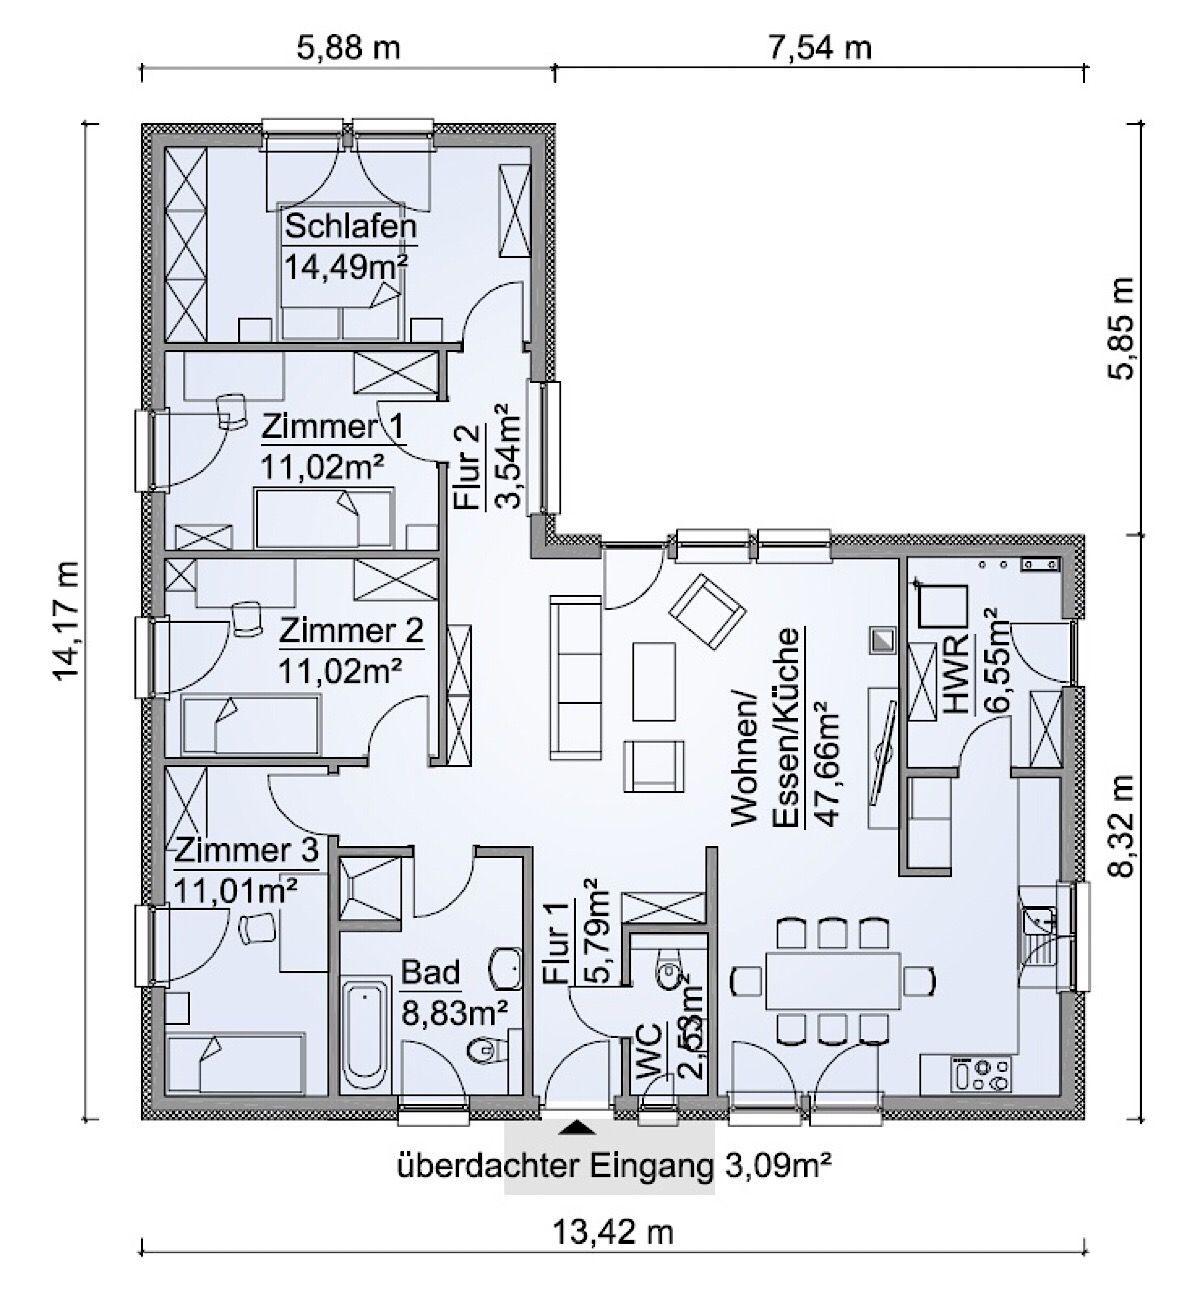 Fertighaus Grundriss Bungalow Haus ebenerdig mit Walmdach